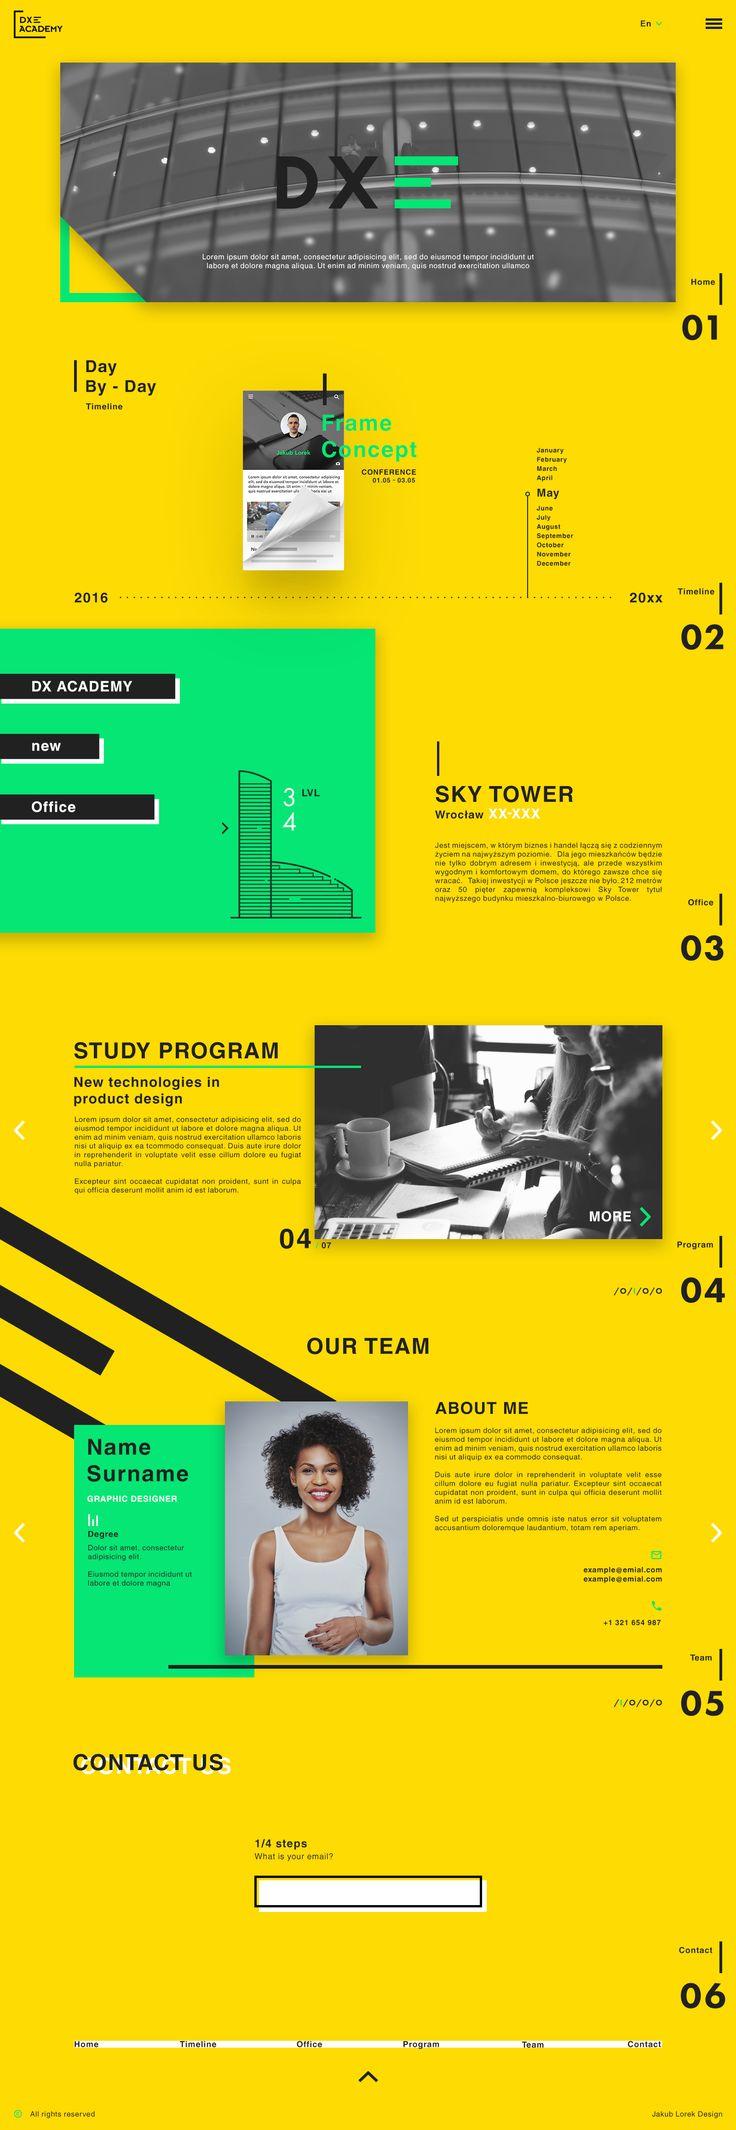 """Przejrzyj mój projekt w @Behance: """"Dx Academy web design"""" https://www.behance.net/gallery/40286877/Dx-Academy-web-design"""